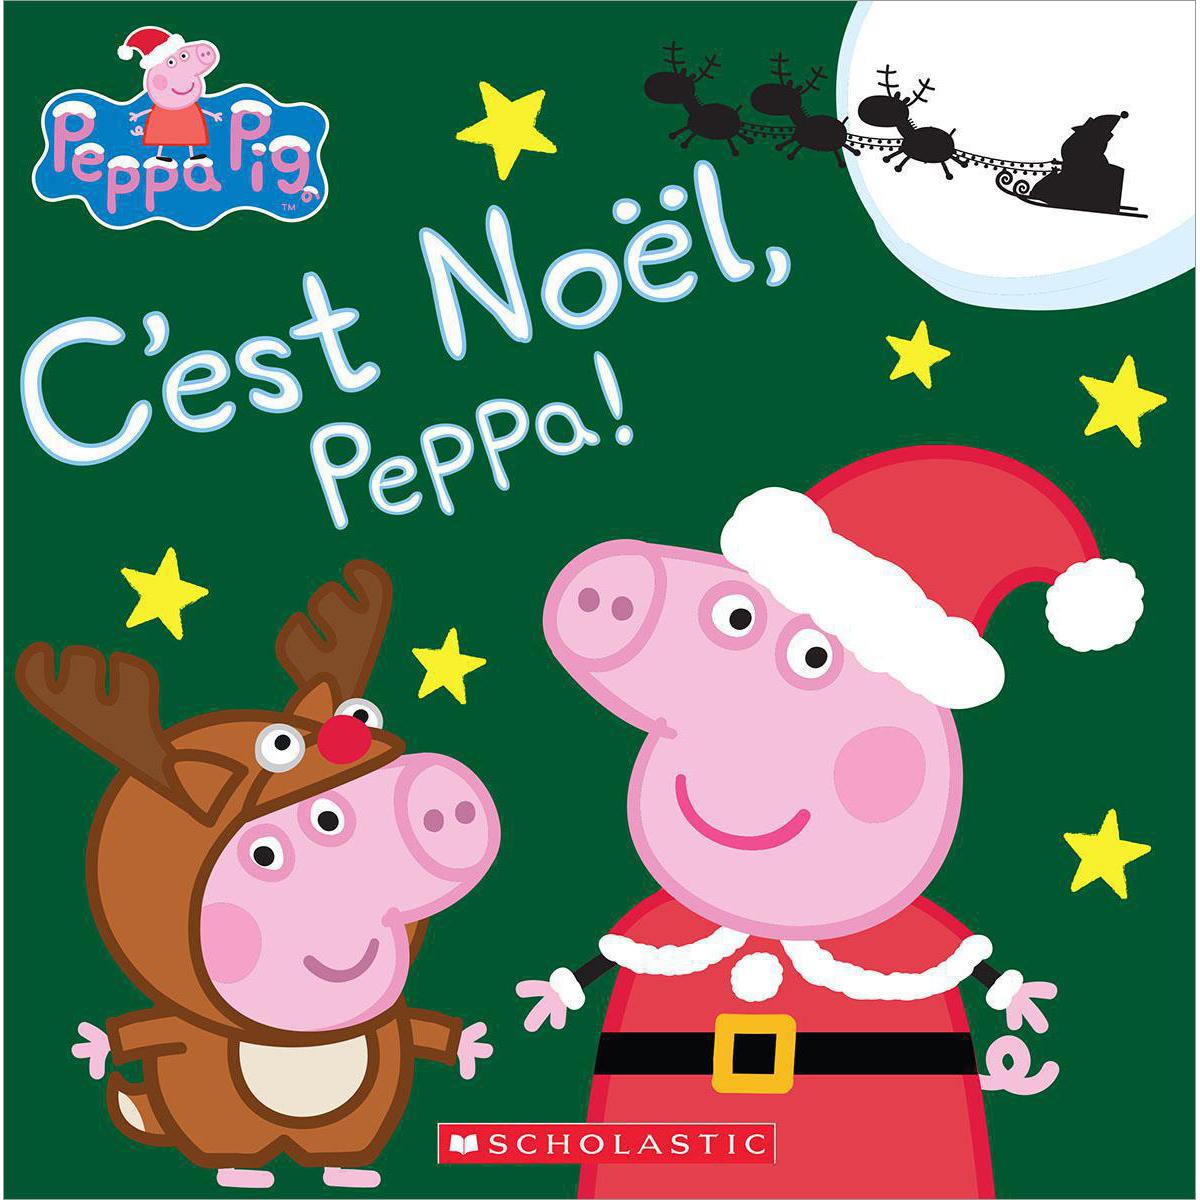 Ensemble C'est Noël, Peppa!